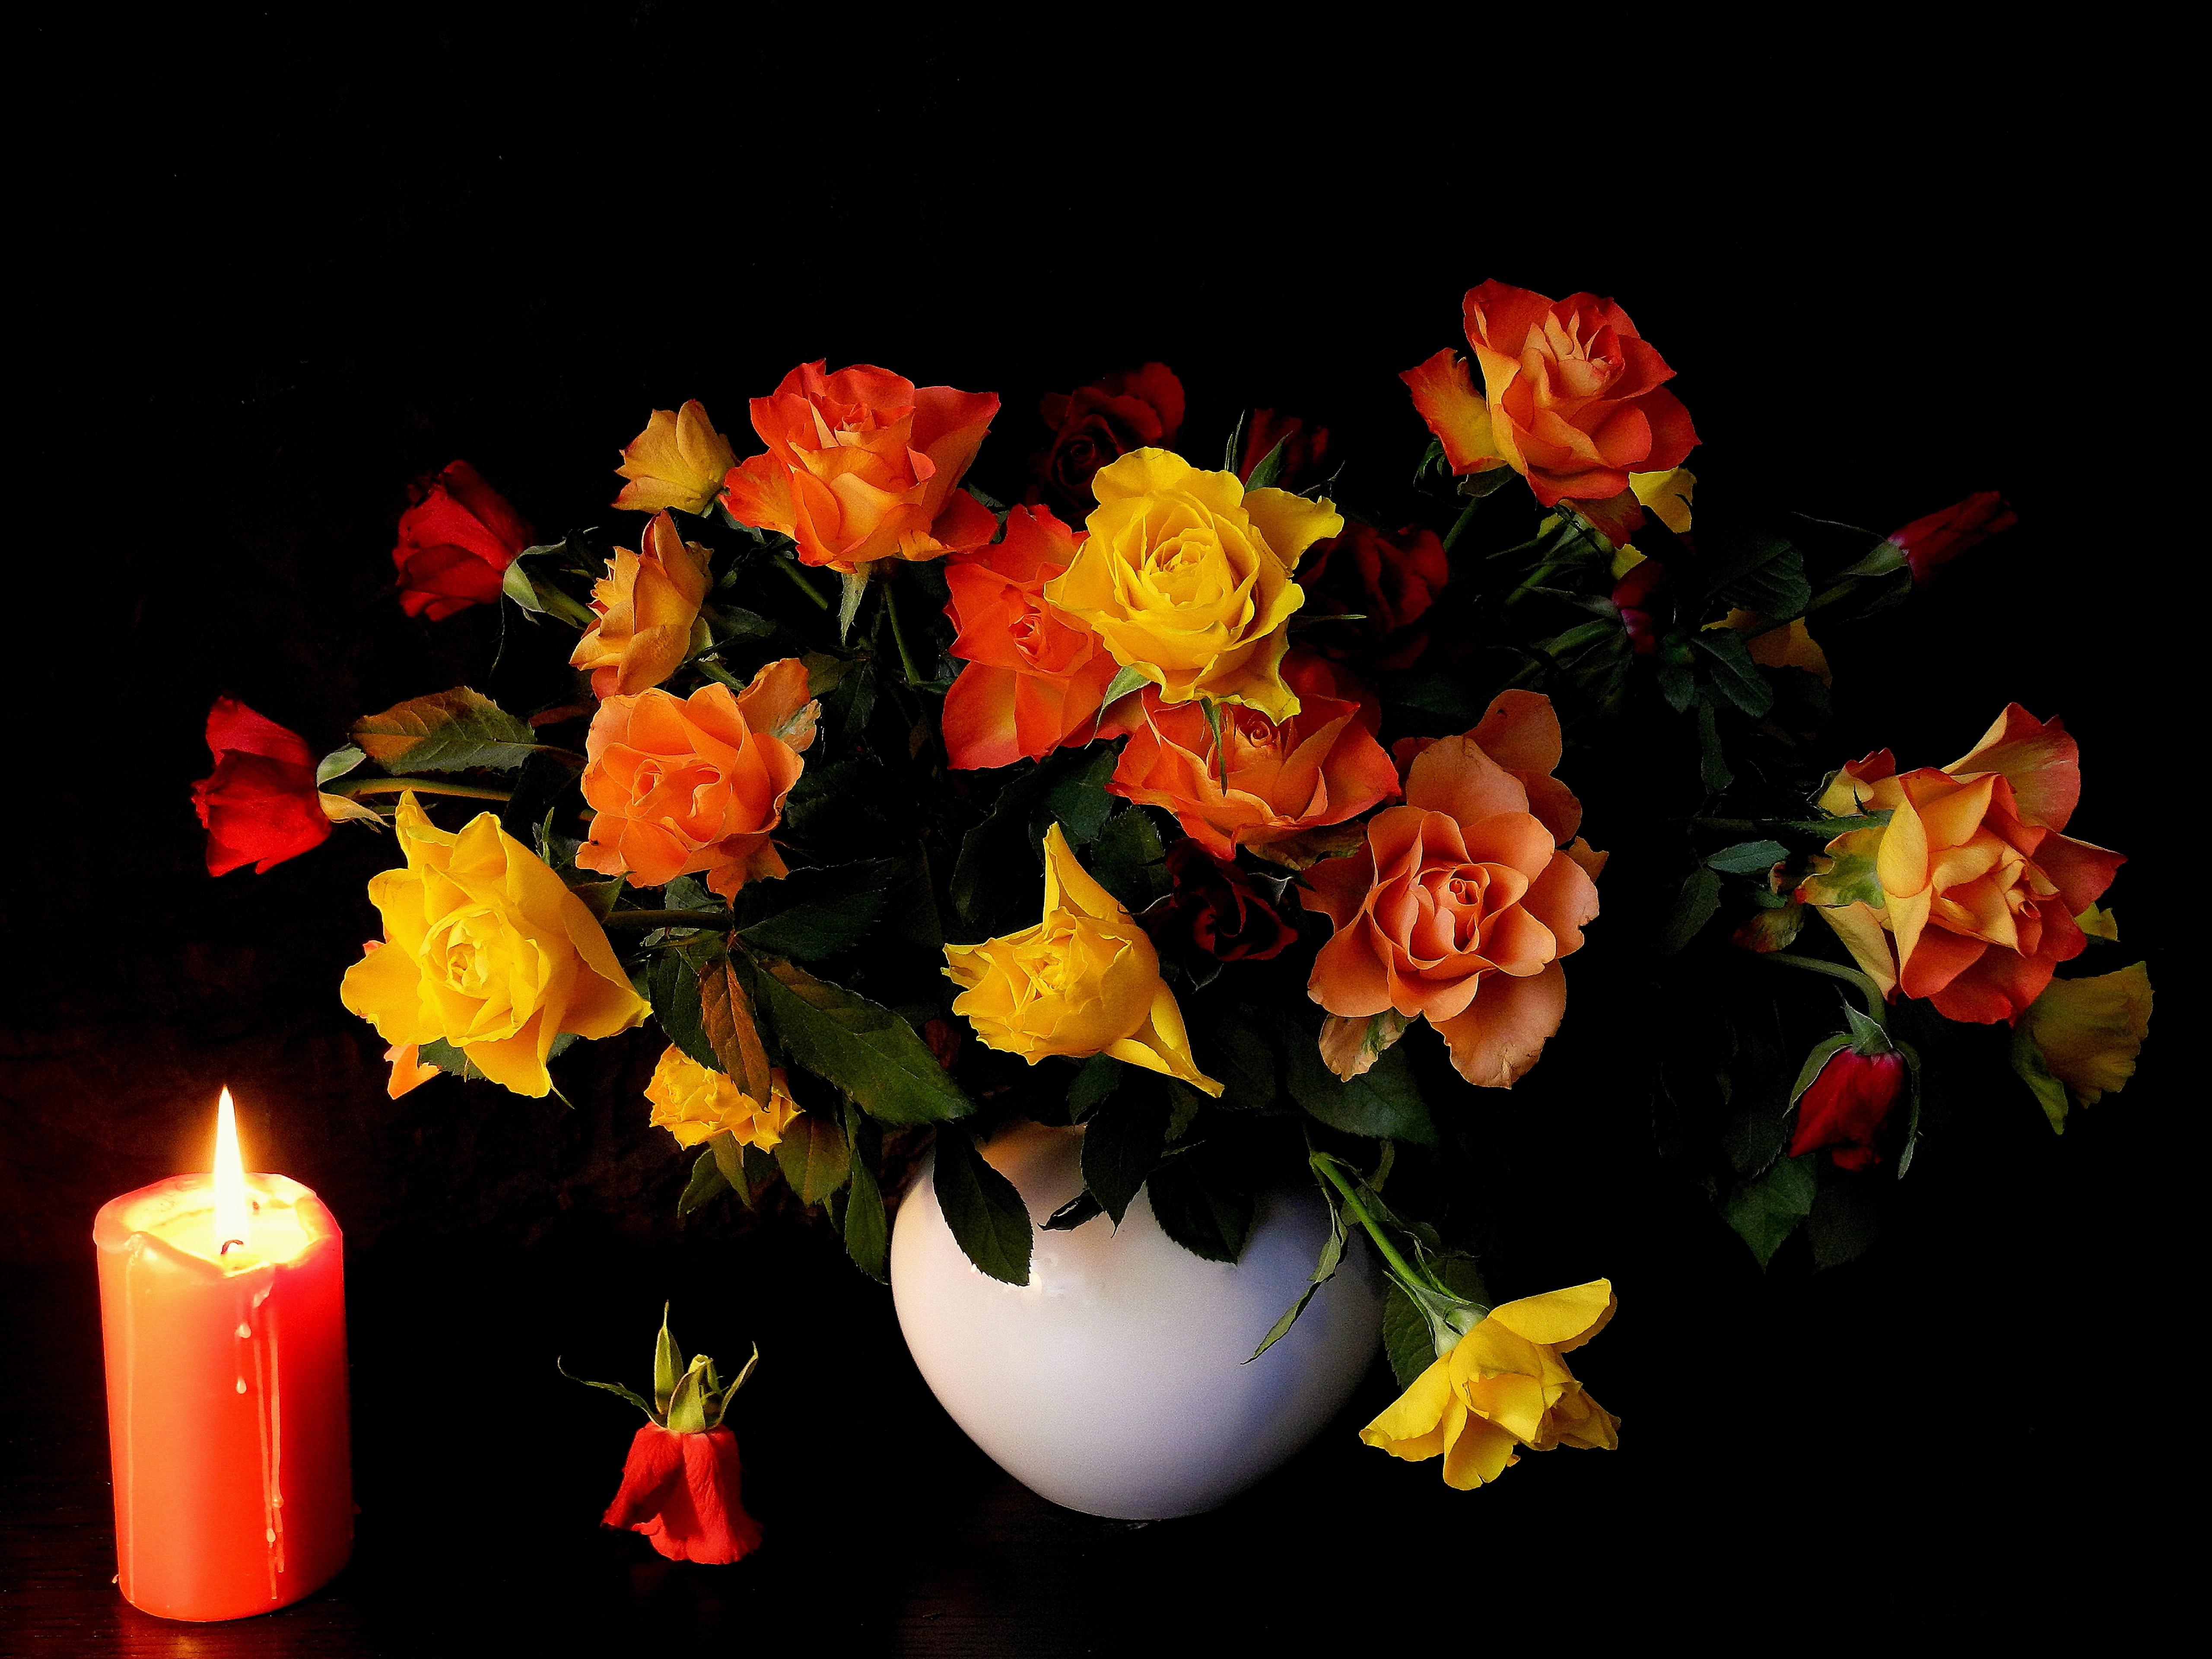 спорят добрый вечер картинки букет роз окрашивания один тон